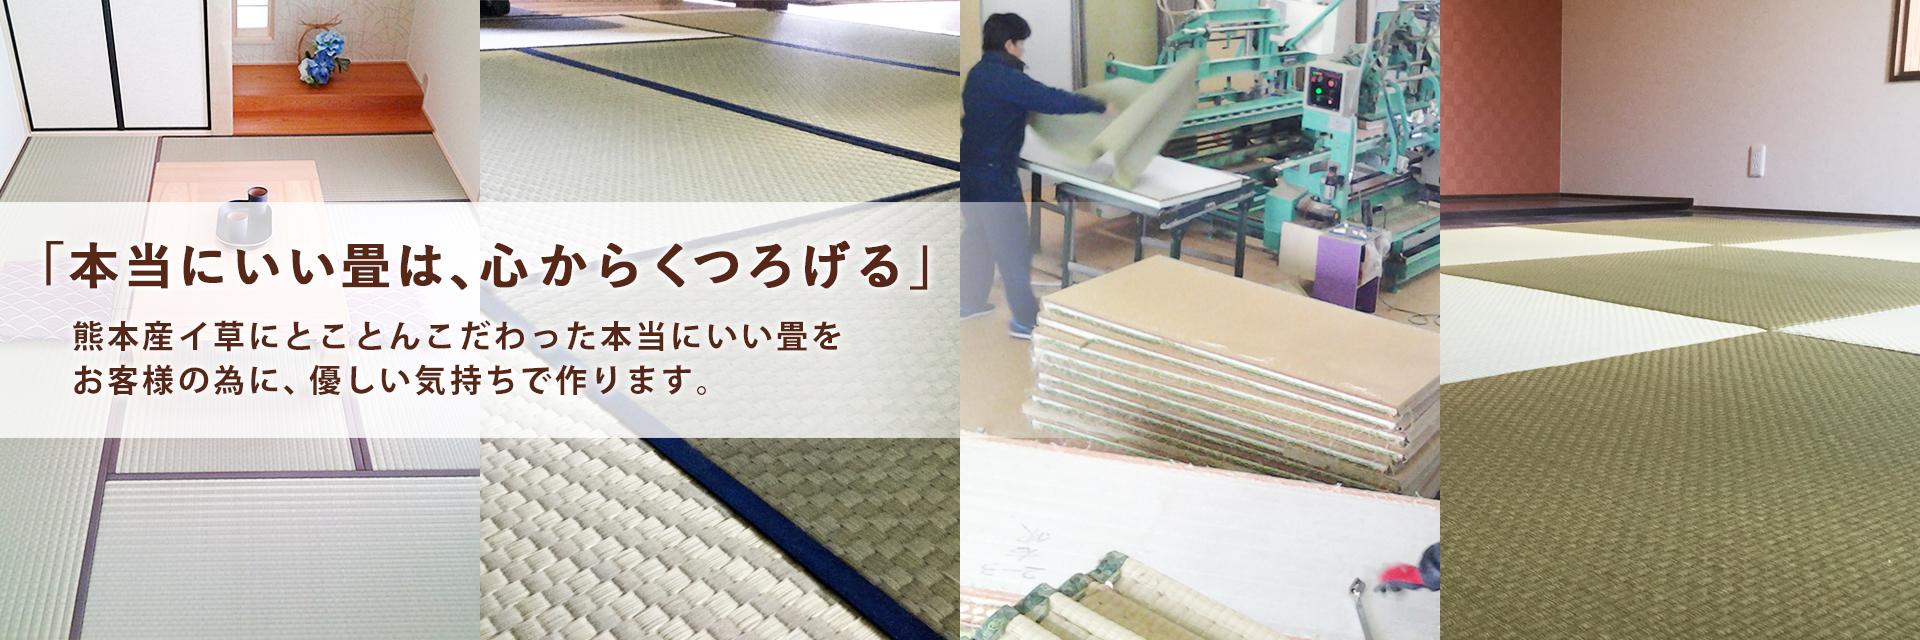 「本当にいい畳は、心からくつろげる」熊本産イ草にとことんこだわった本当にいい畳を お客様の為に、優しい気持ちで作ります。